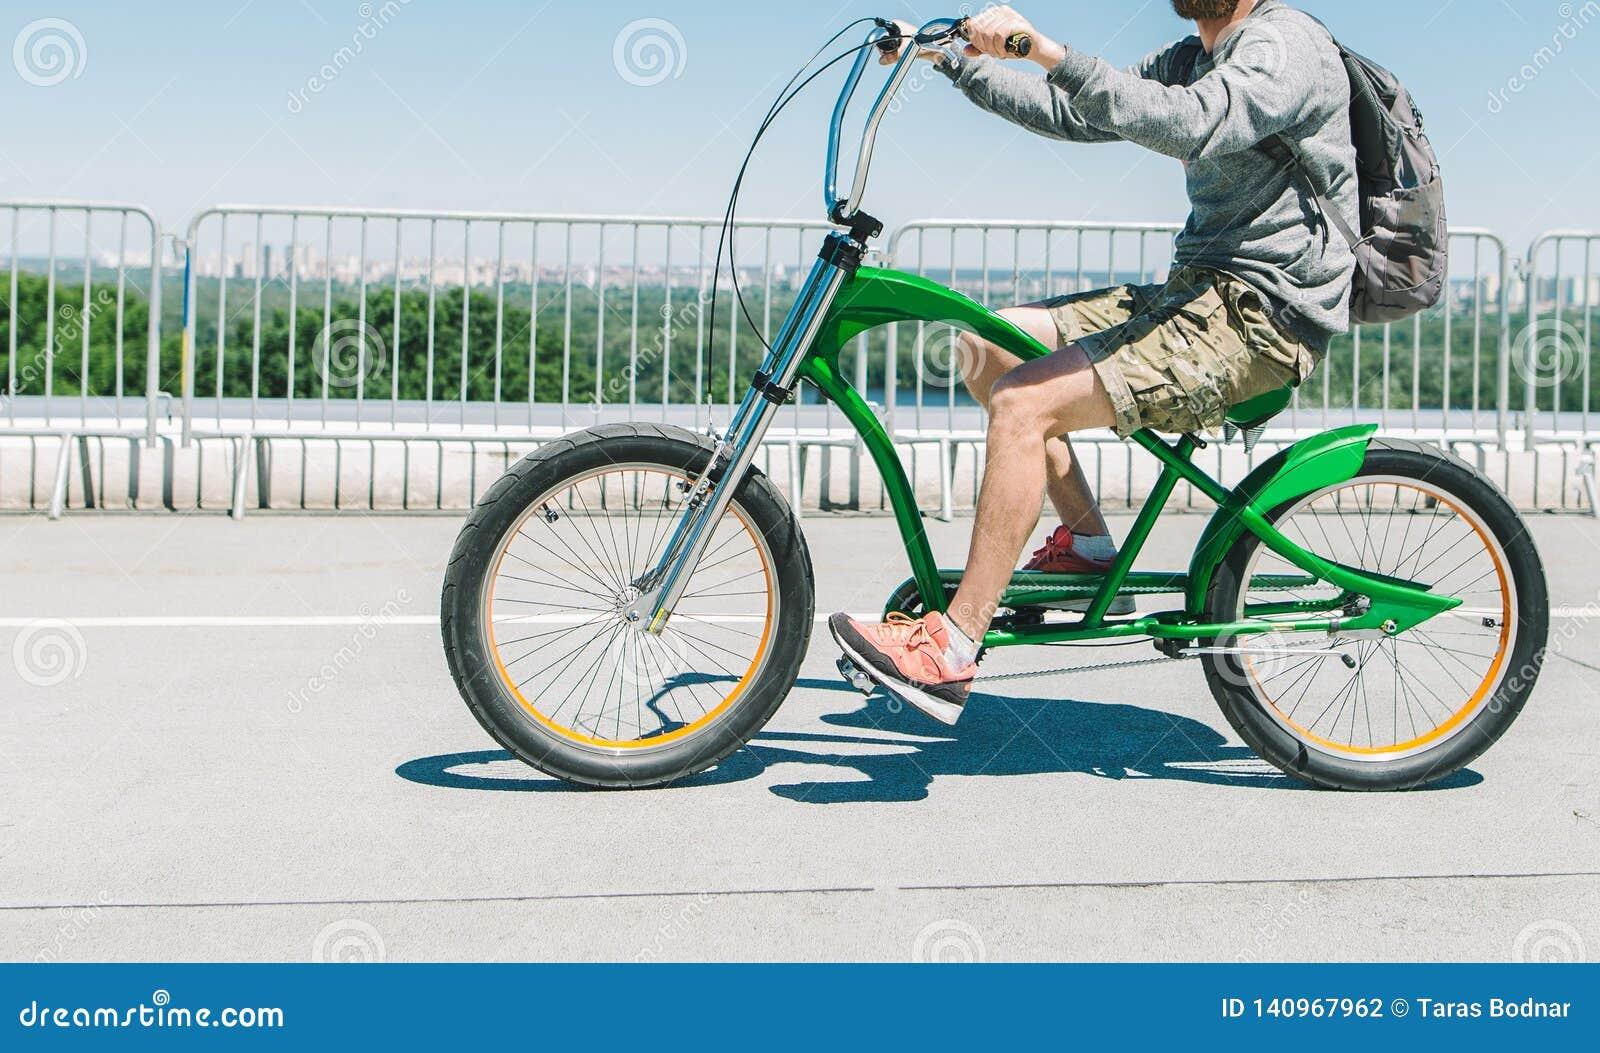 Weg auf einem stilvollen grünen Fahrrad um die Stadt Ein Radfahrer in der zufälligen Kleidung reitet ein Stadtfahrrad auf Asphalt